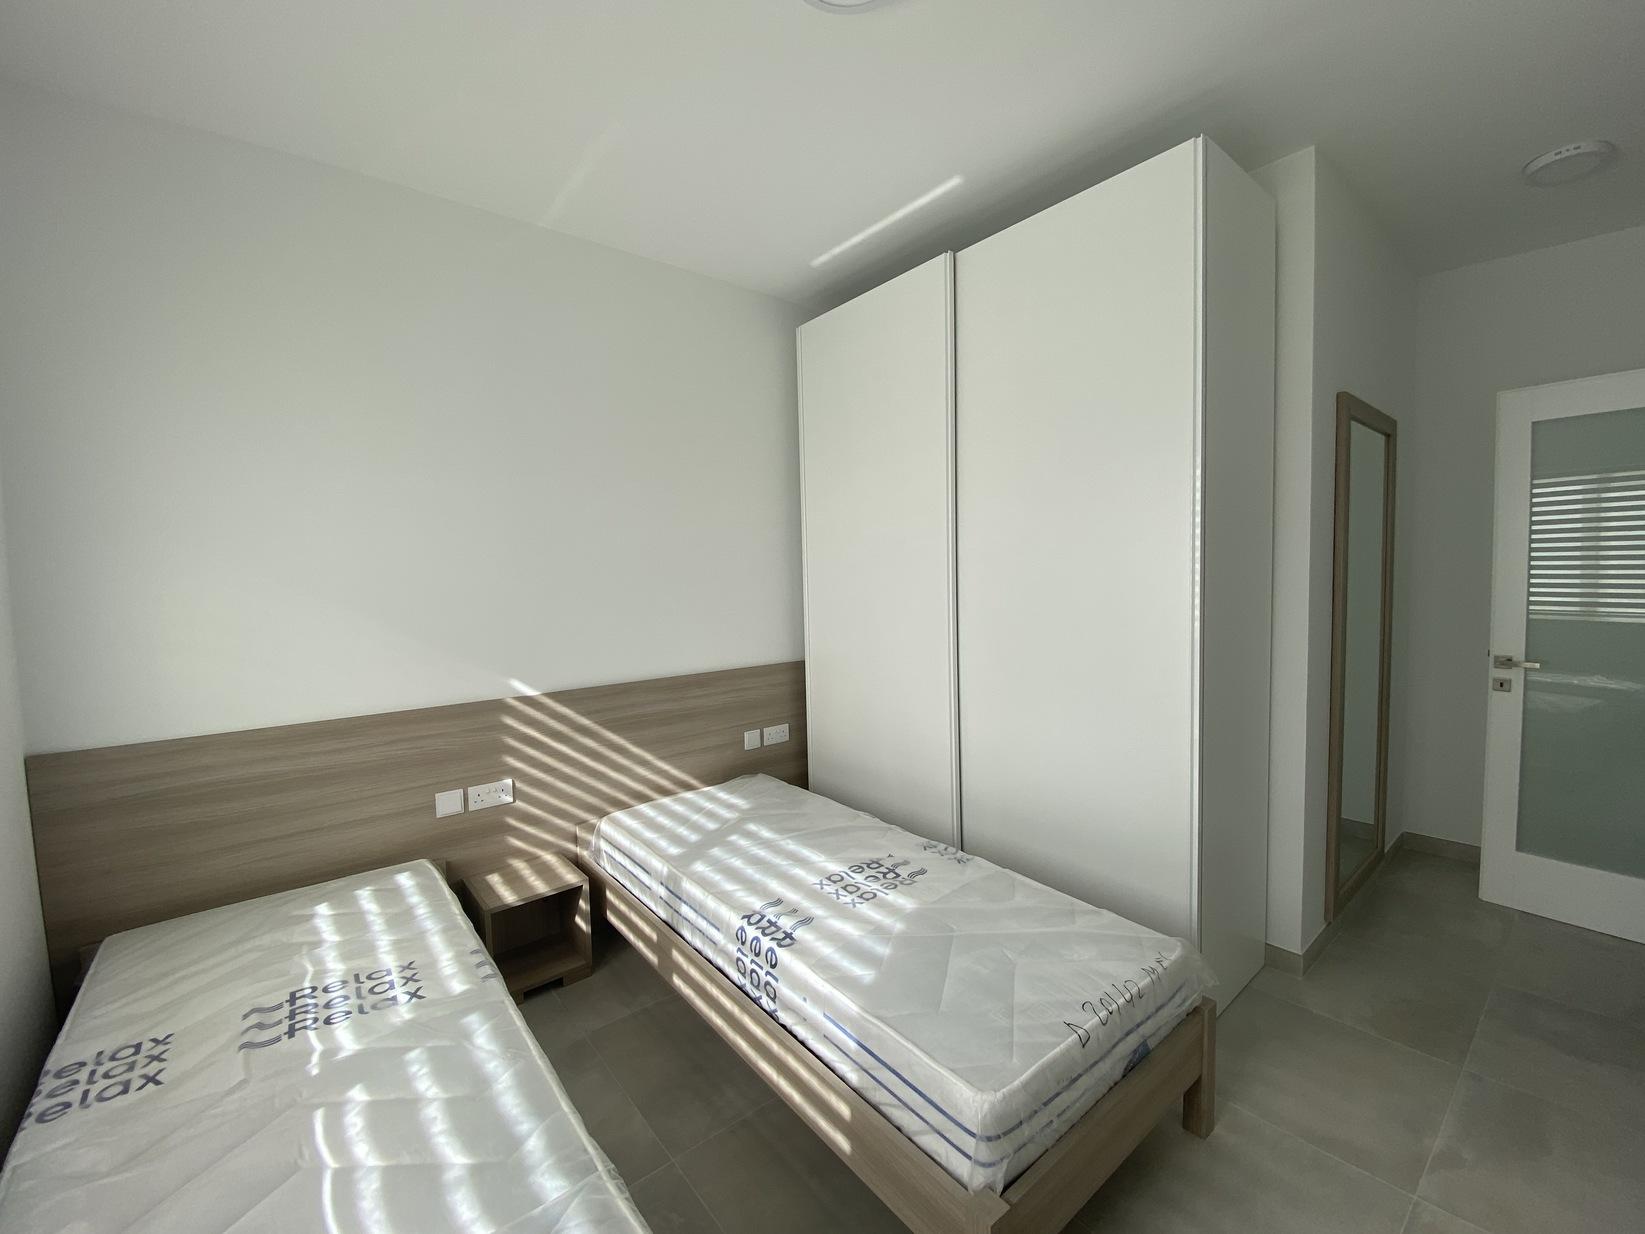 3 bed Apartment For Rent in Lija, Lija - thumb 9